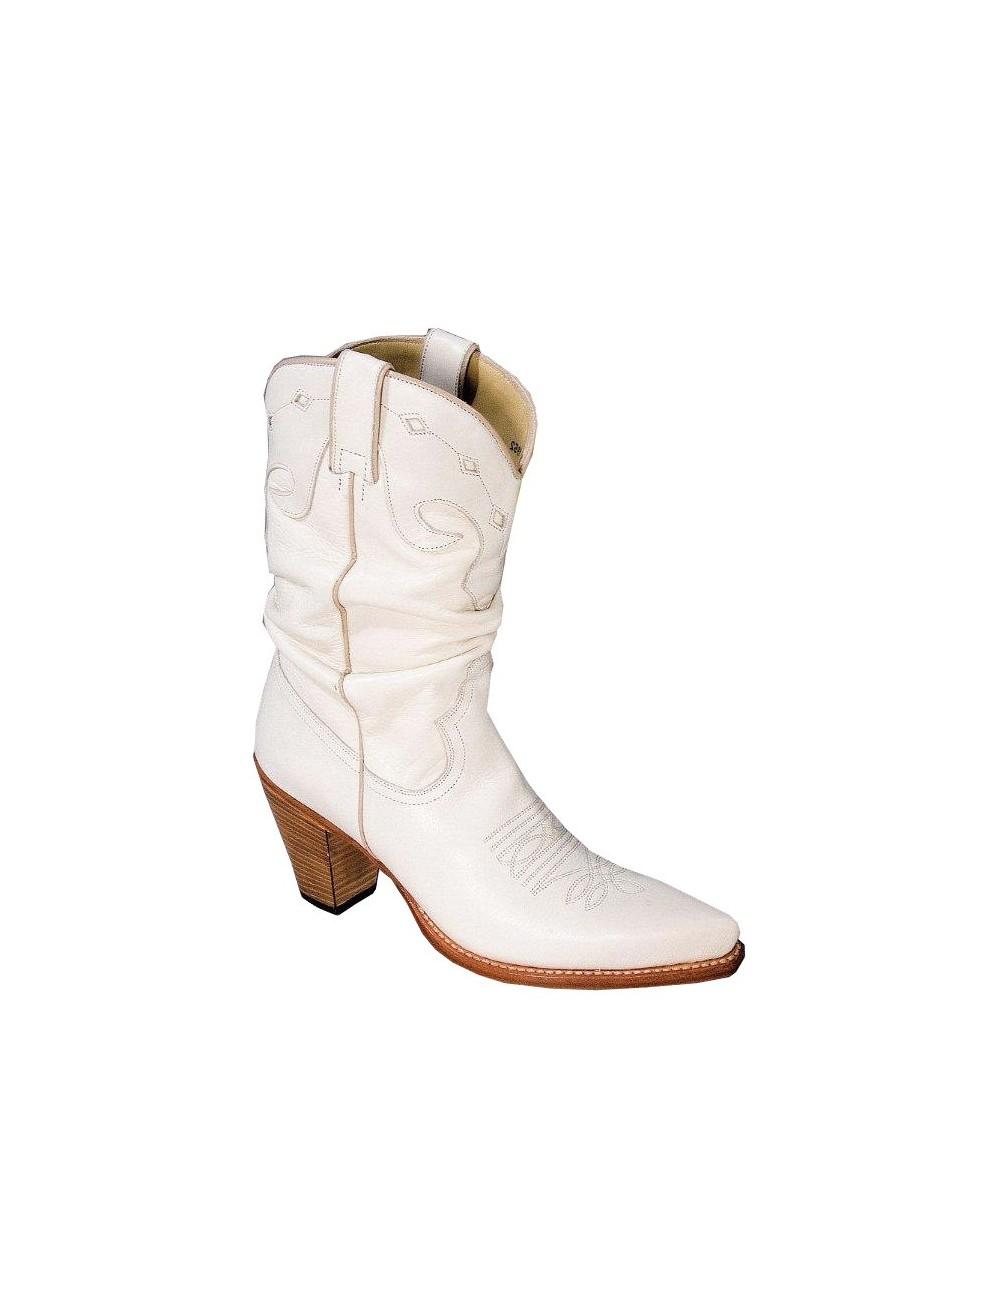 Santiags blanches cuir sur mesure femme